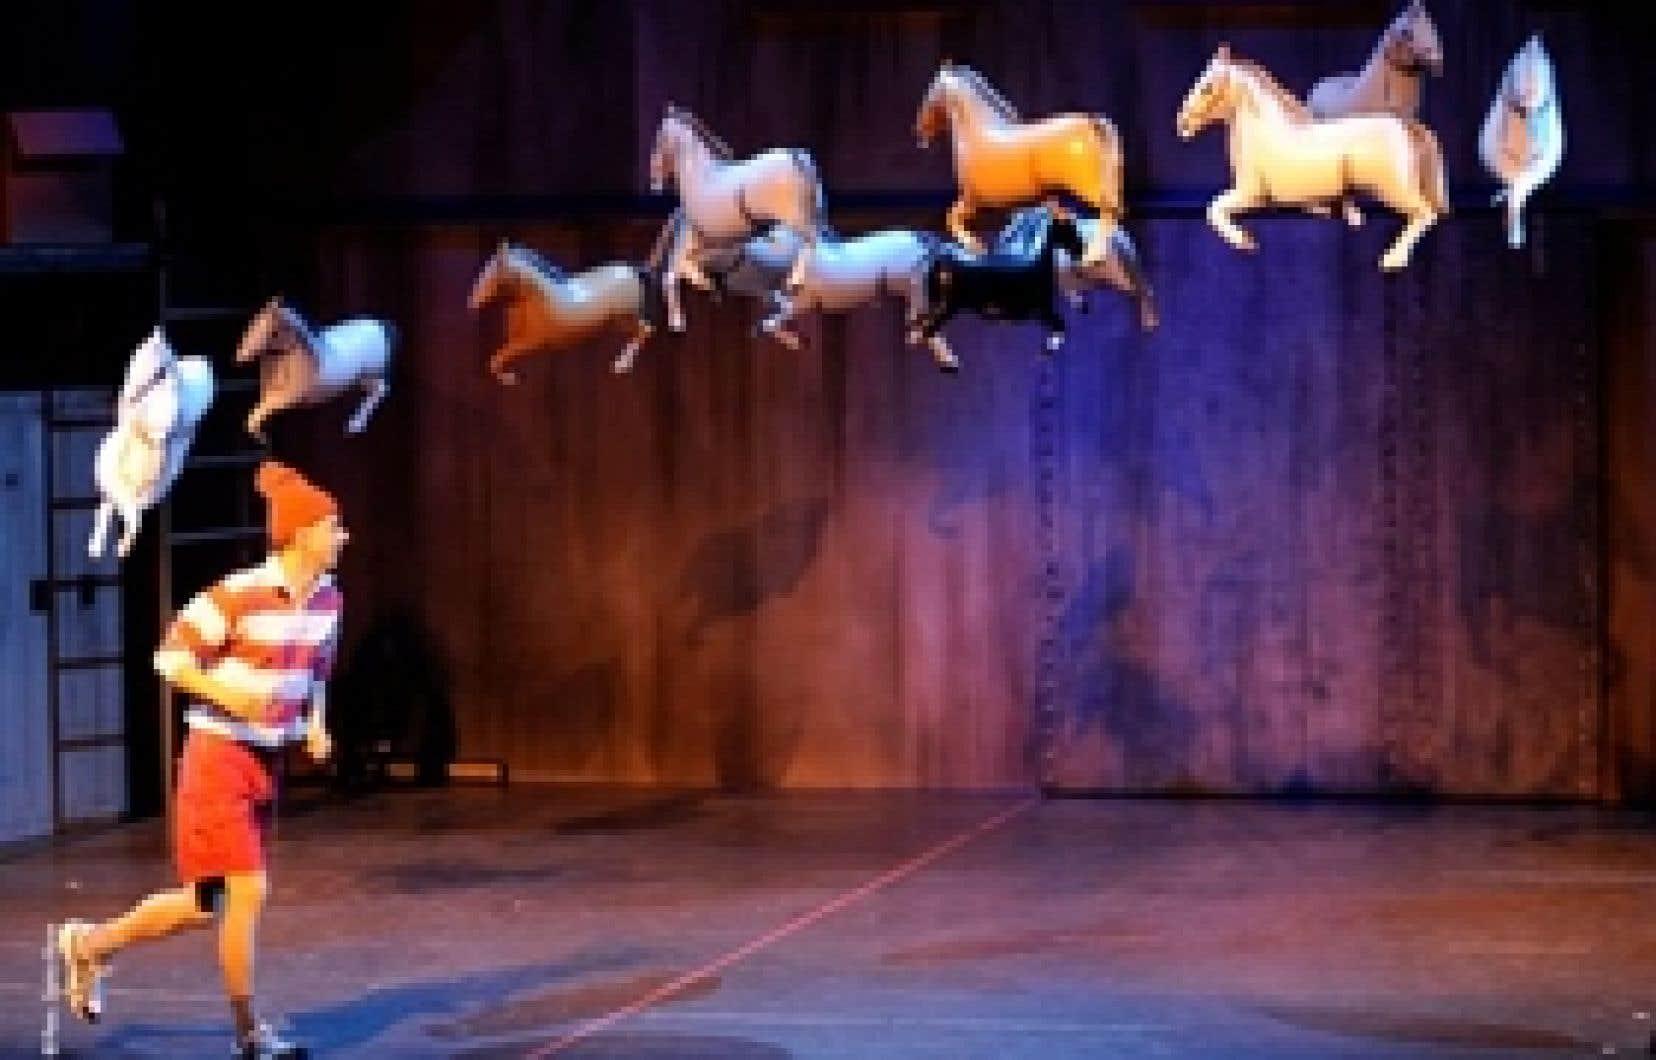 Le dresseur de chevaux volants du cabaret Maboul est digne de mention.